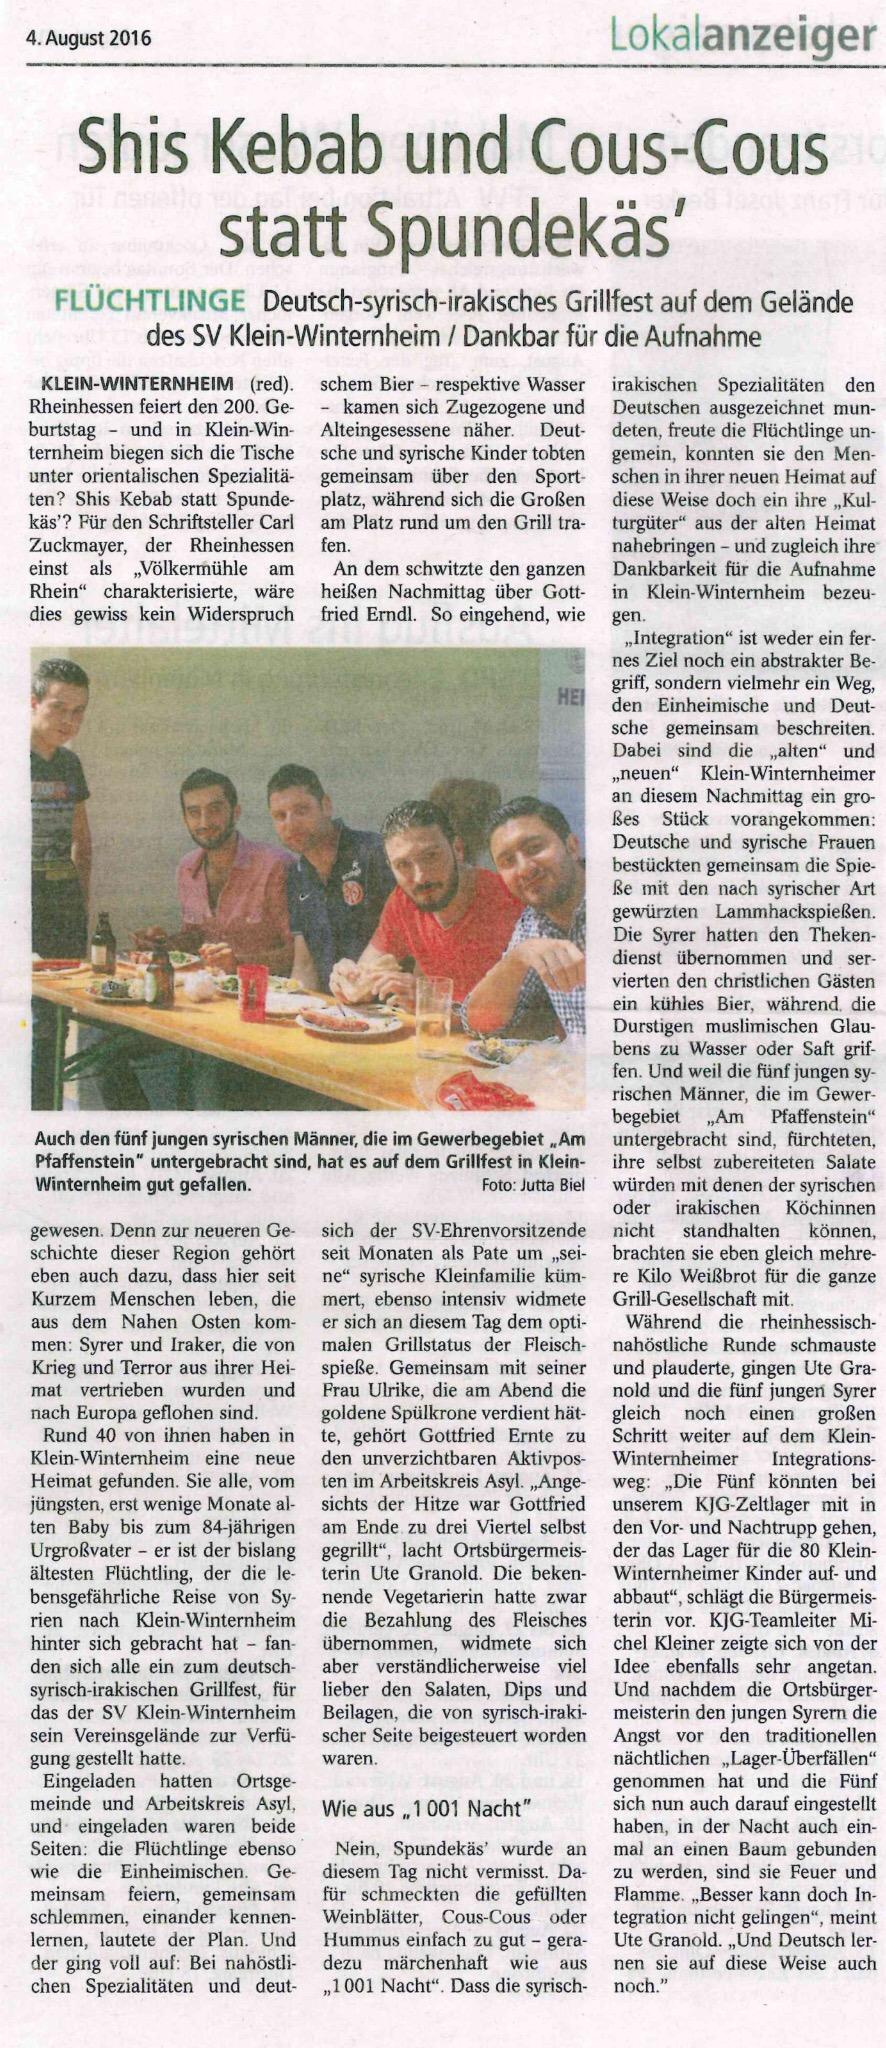 Zeitungsbeitrag über die Flüchtlinge in Klein-Winternheim